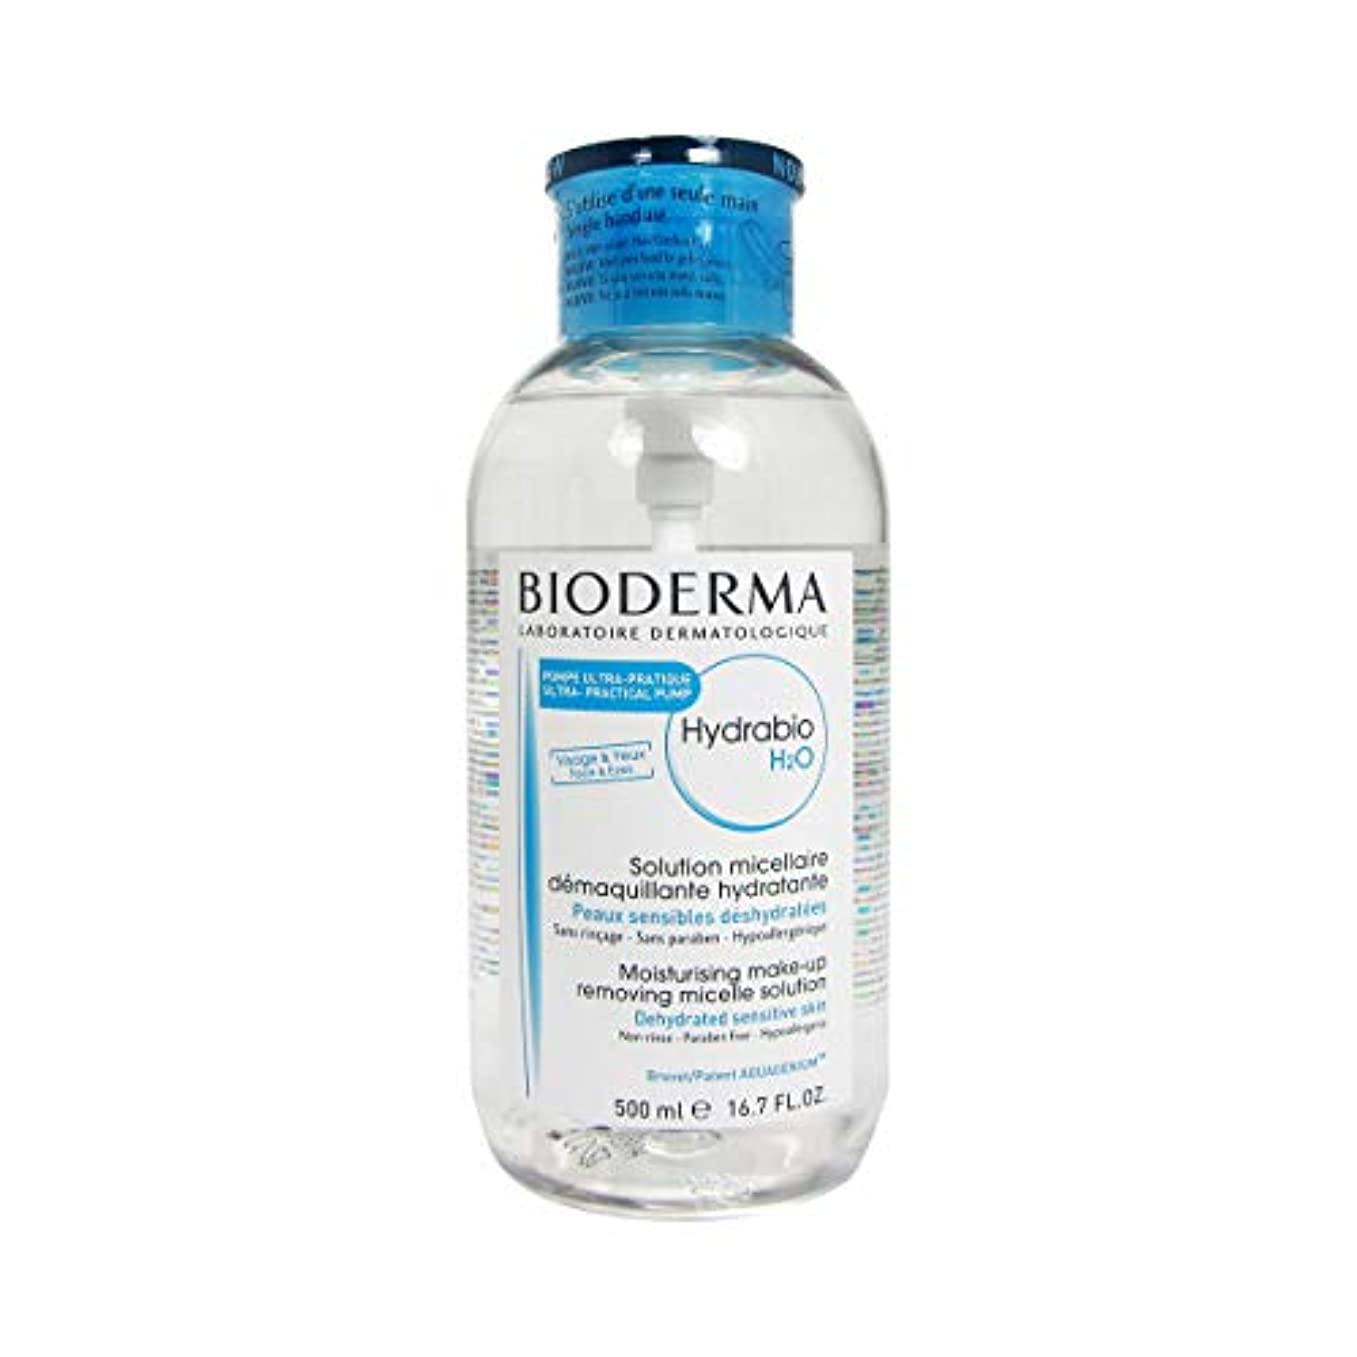 かけがえのないジム栄光Bioderma Hydrabio H2O Micellar Water Pump Reverse 500 ml